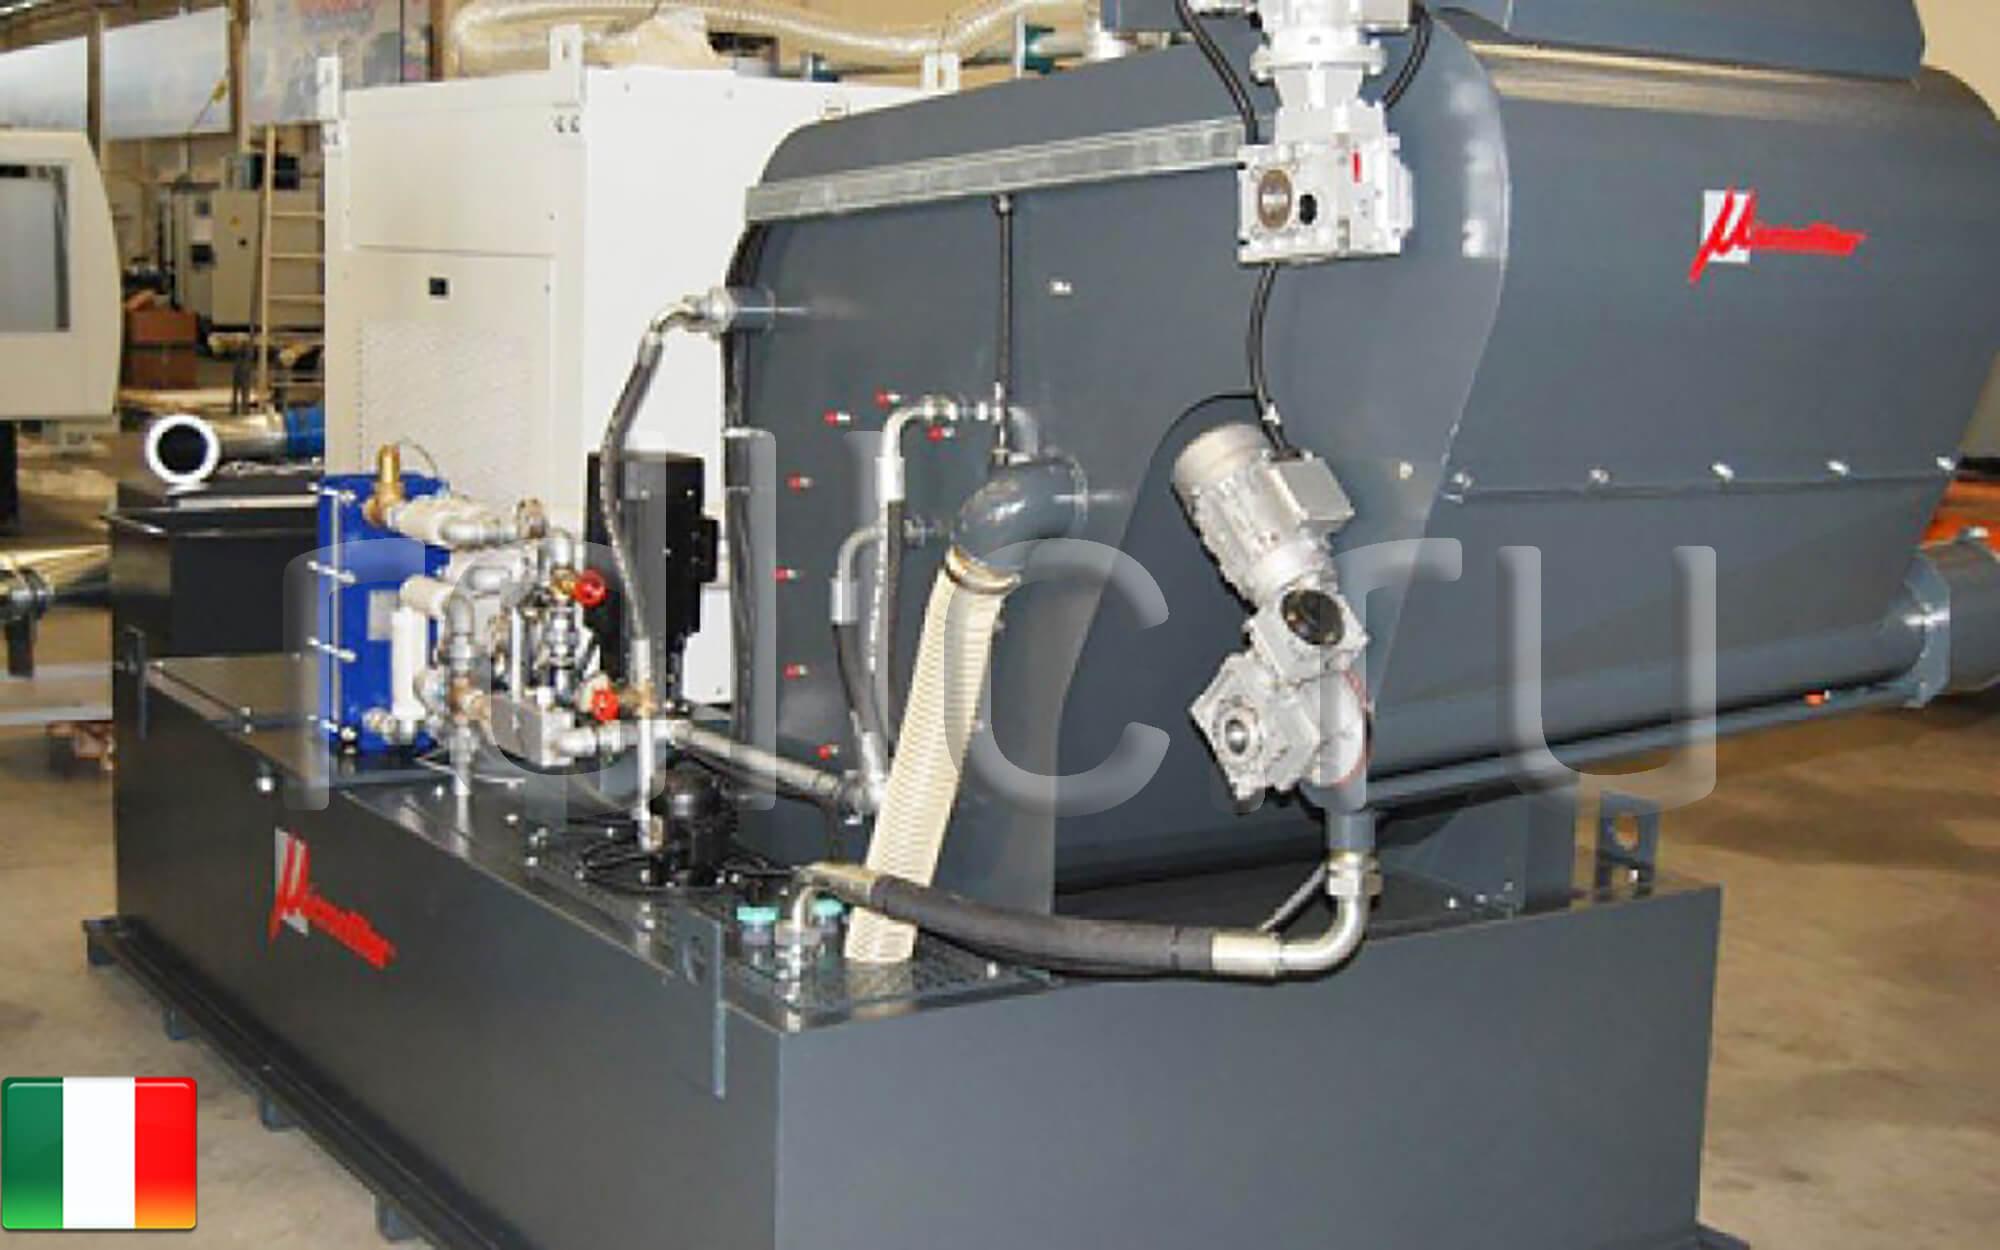 Самоочищающийся барабанный фильтр СОЖ для шлифовальных станков (самоочищающийся барабанный фильтр СОЖ Spin | магнитный сепаратор СОЖ Kalamit)